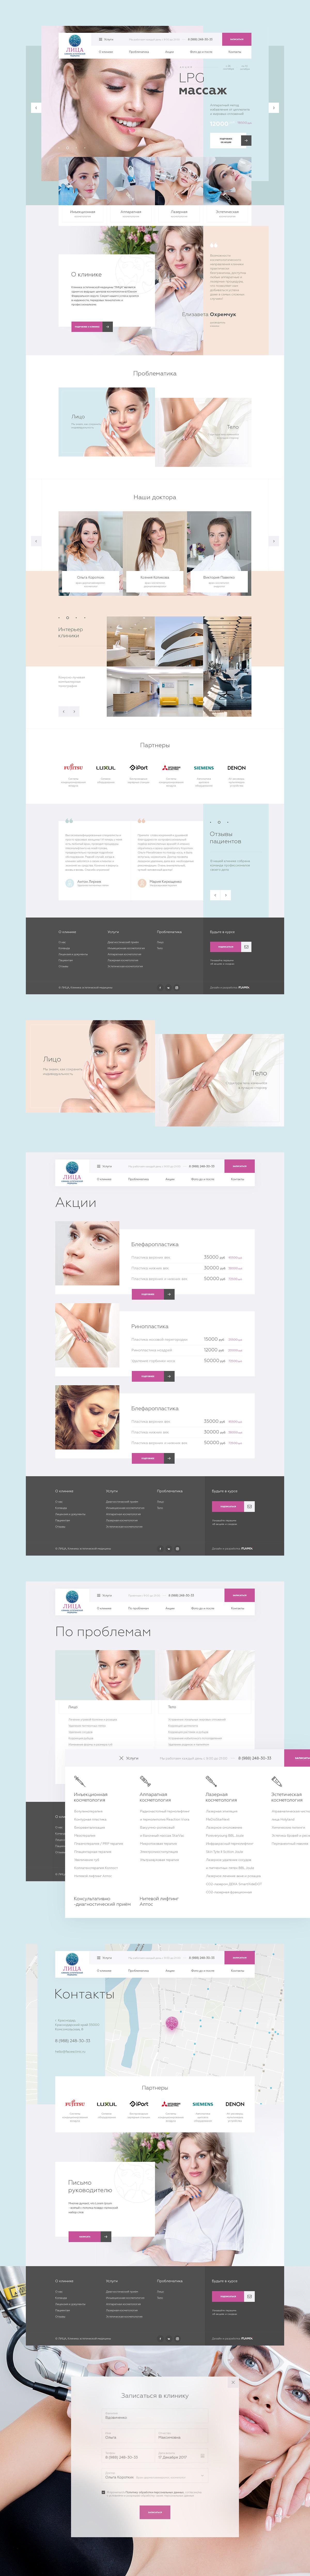 Сайта клиники эстетической медицины